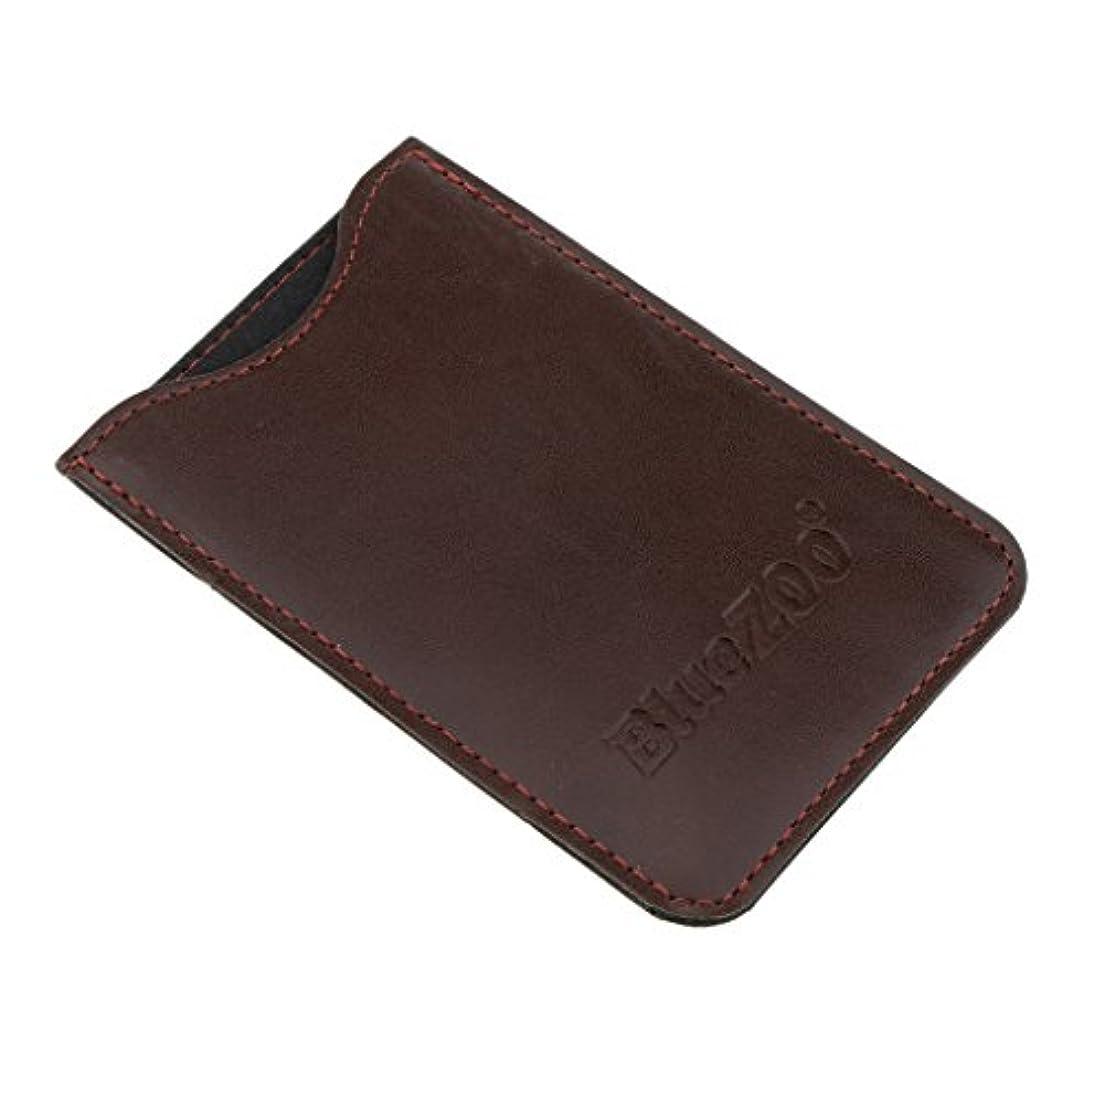 ラオス人アクティブ豊かなPUレザー バッグ 収納ケース 保護カバー 櫛/名刺/IDカード/銀行カード 収納パック 便利 全2色 - 褐色